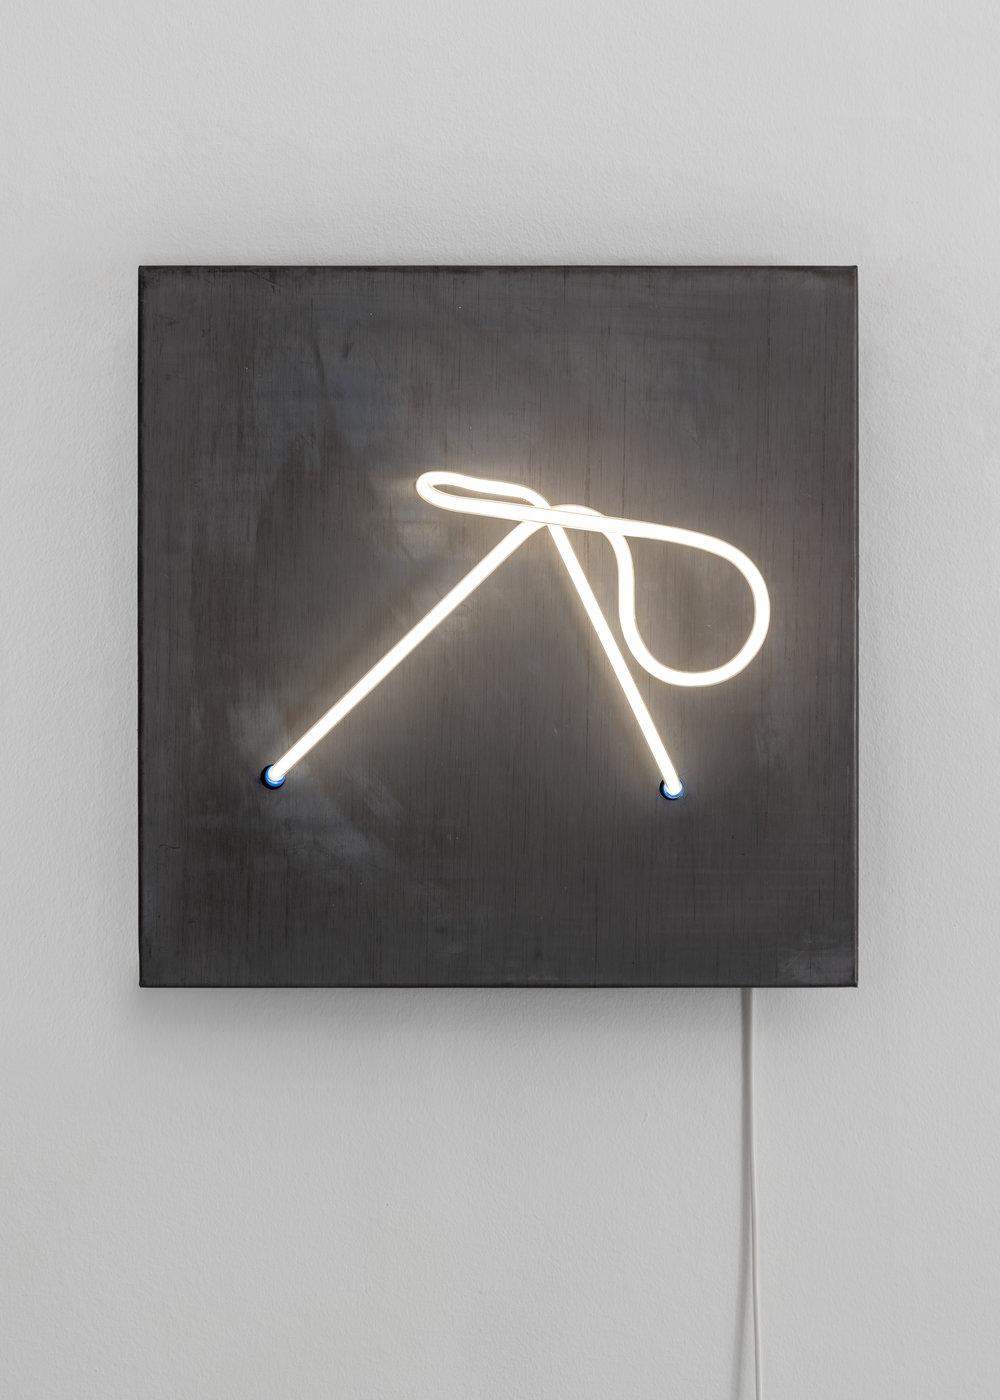 KHIAM, 2019 45 x 45 x 15 cm Lead, neon